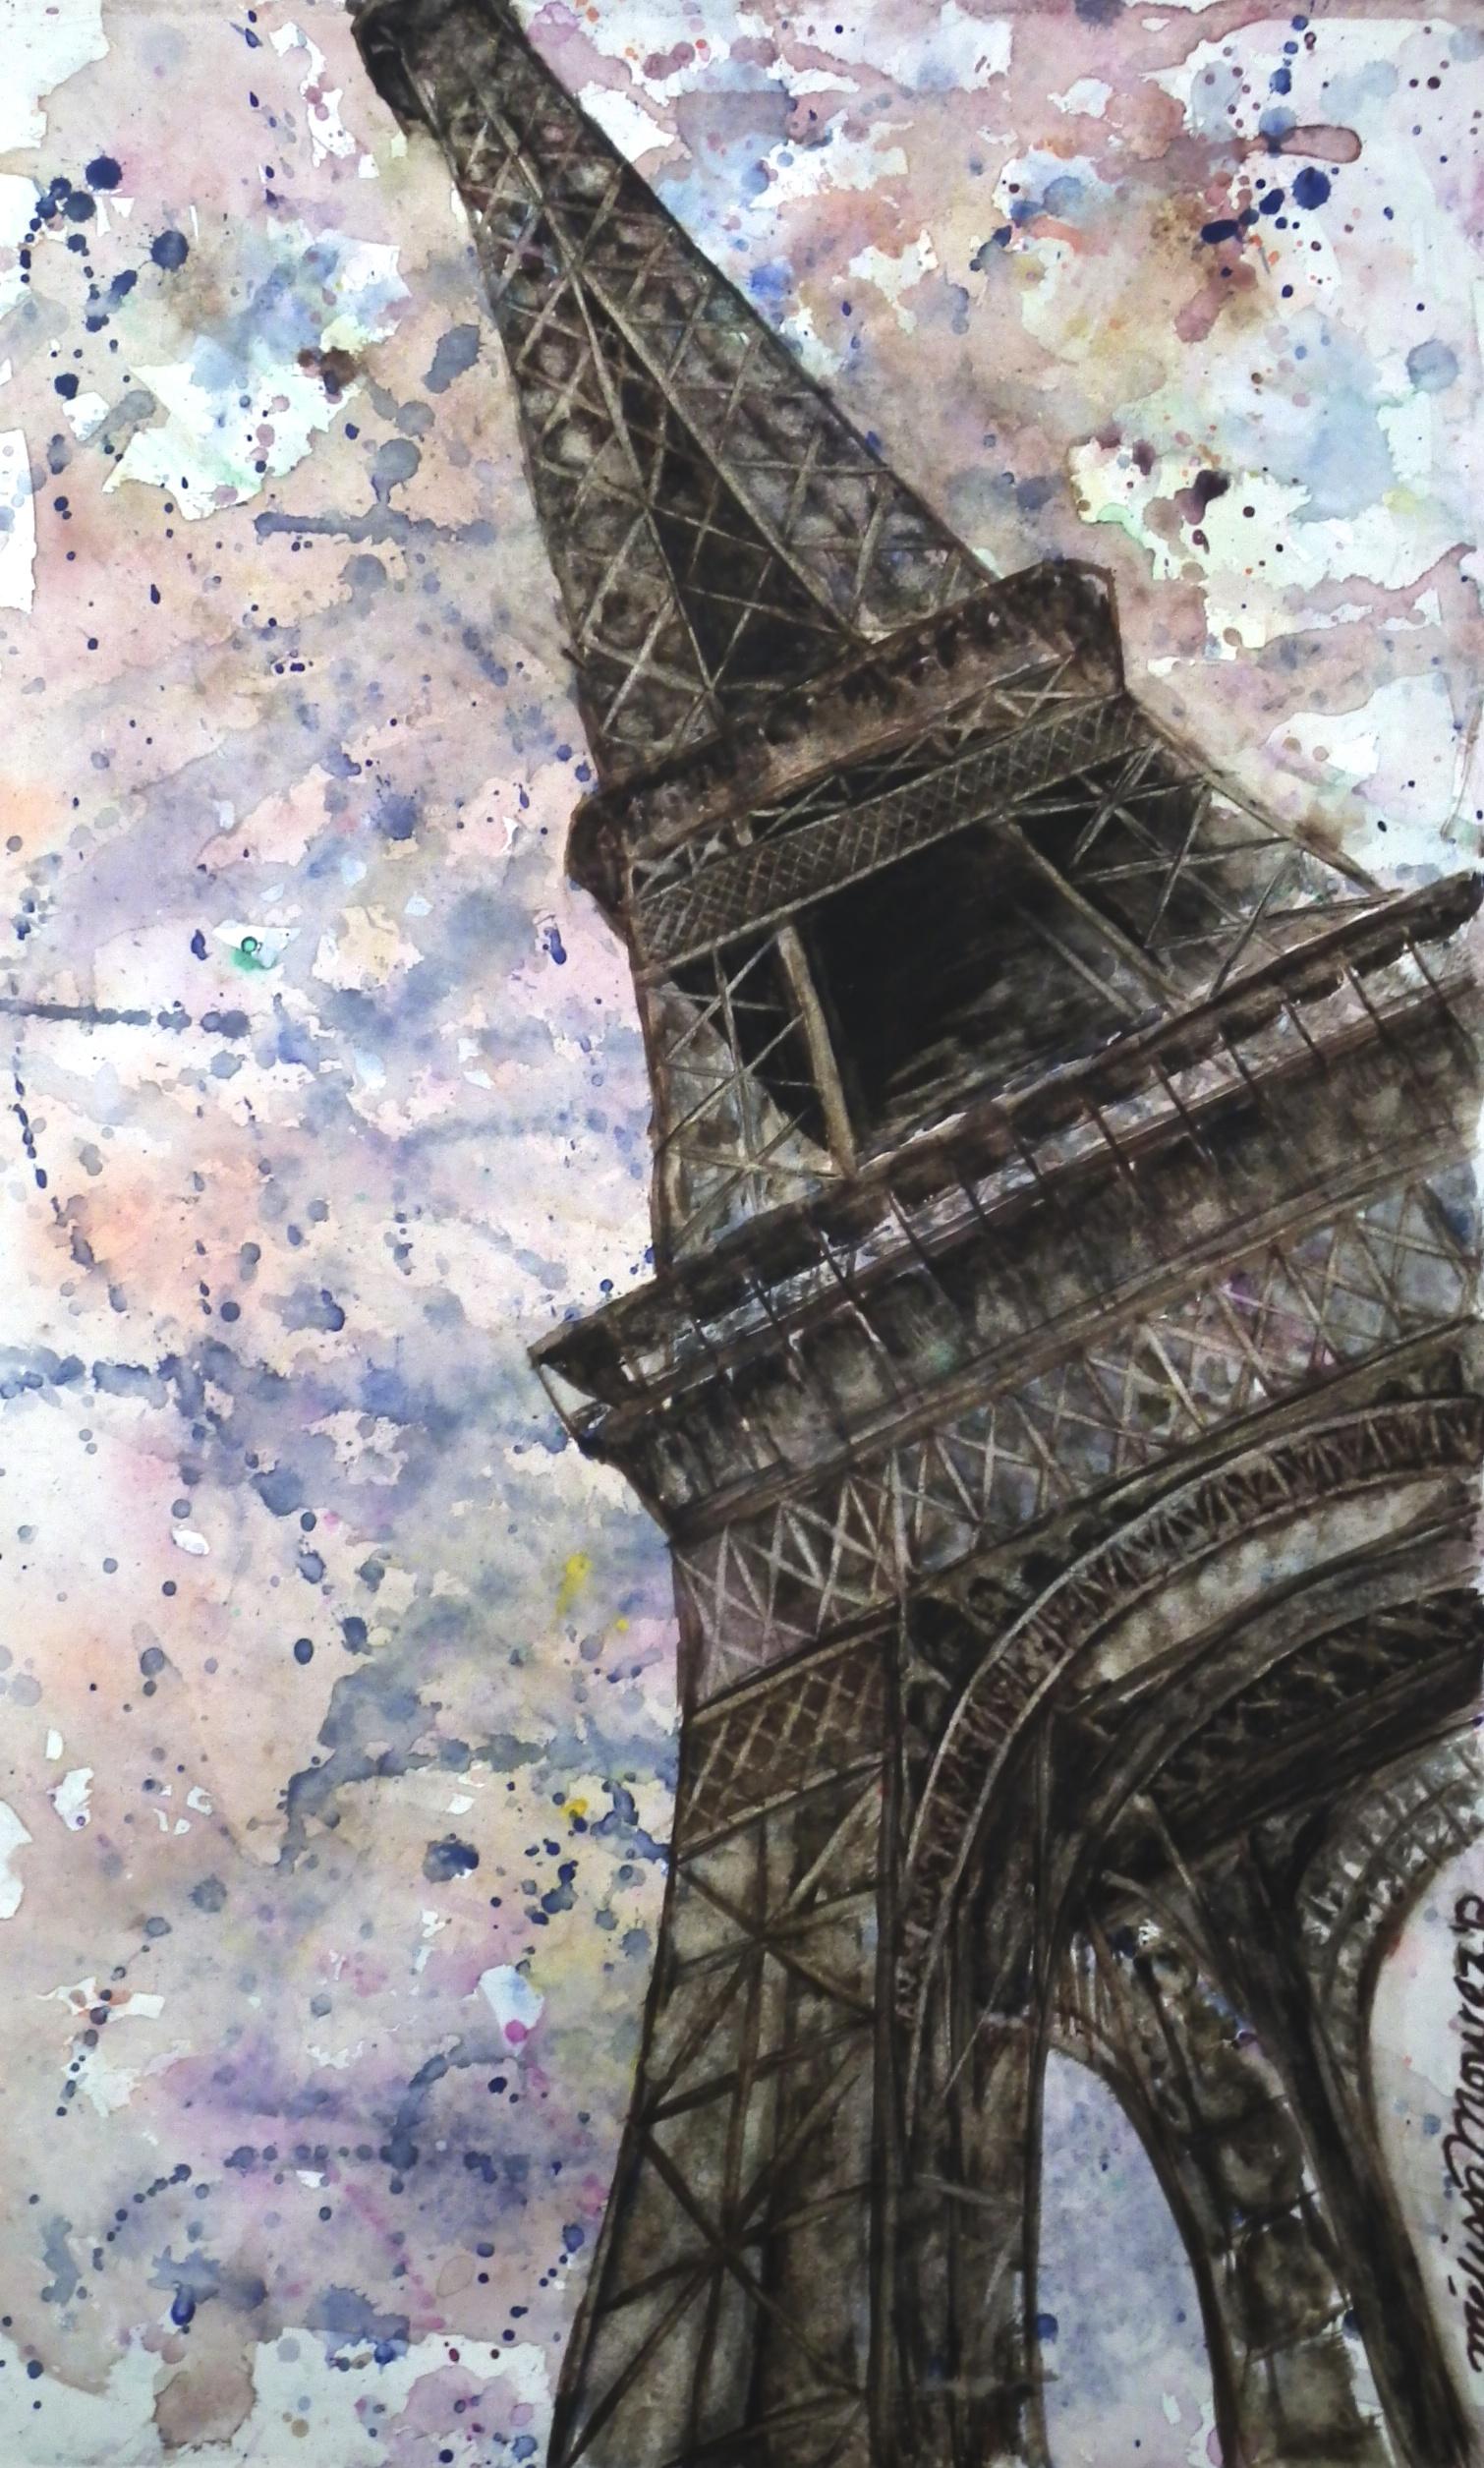 2012_Eiffel Tower.jpg